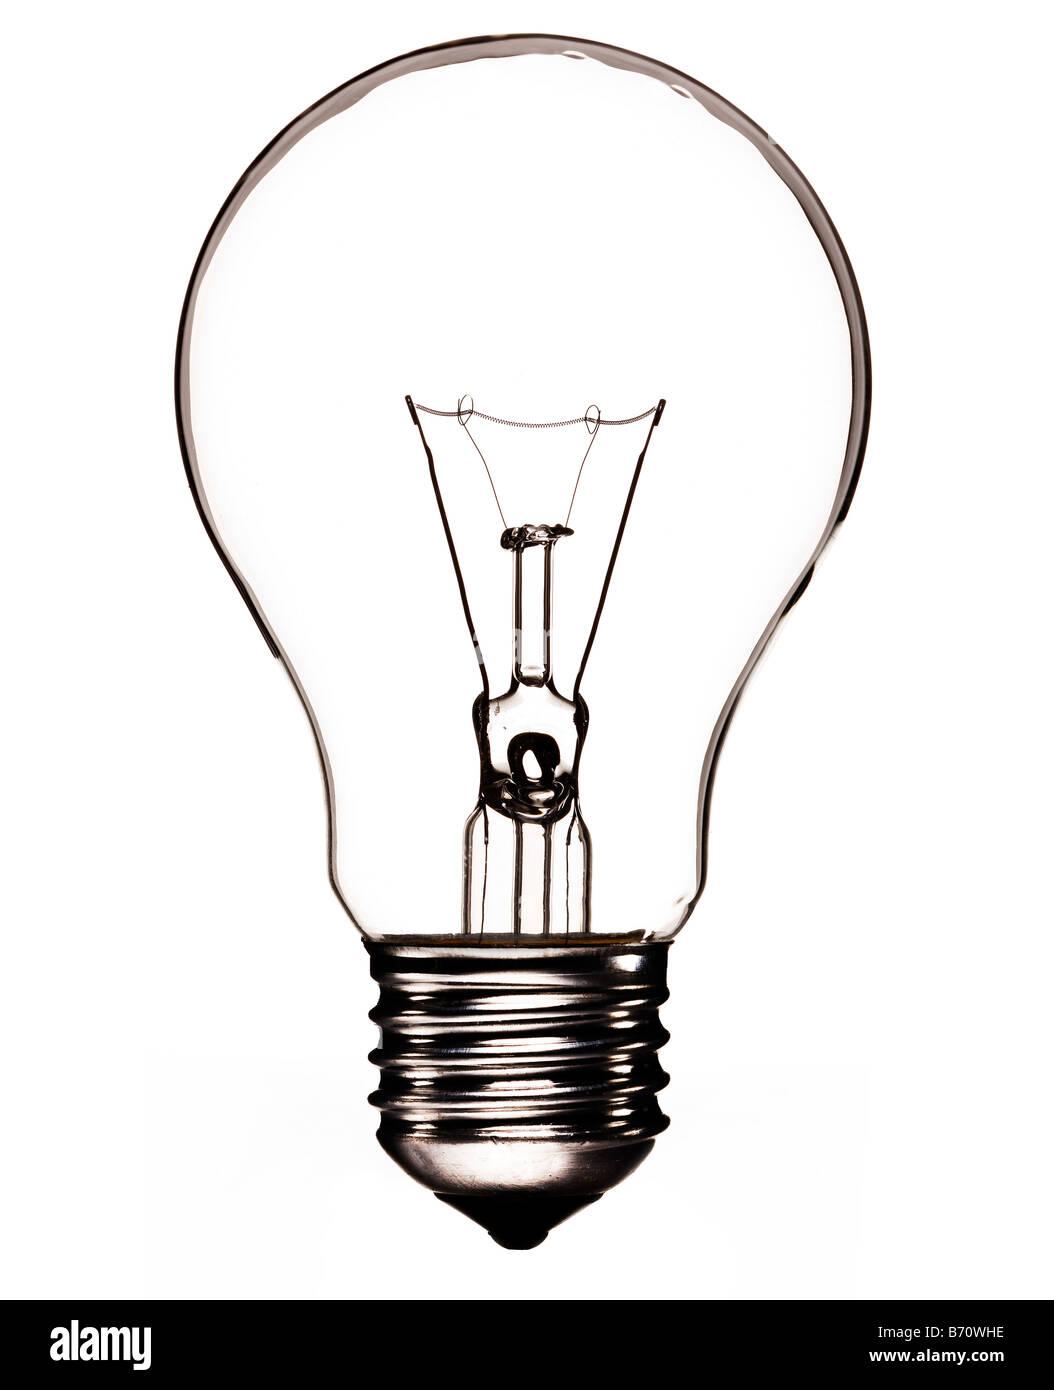 """Bombilla transparente con filamento y Edison tornillo o """"ES"""" el montaje de lámpara Imagen De Stock"""